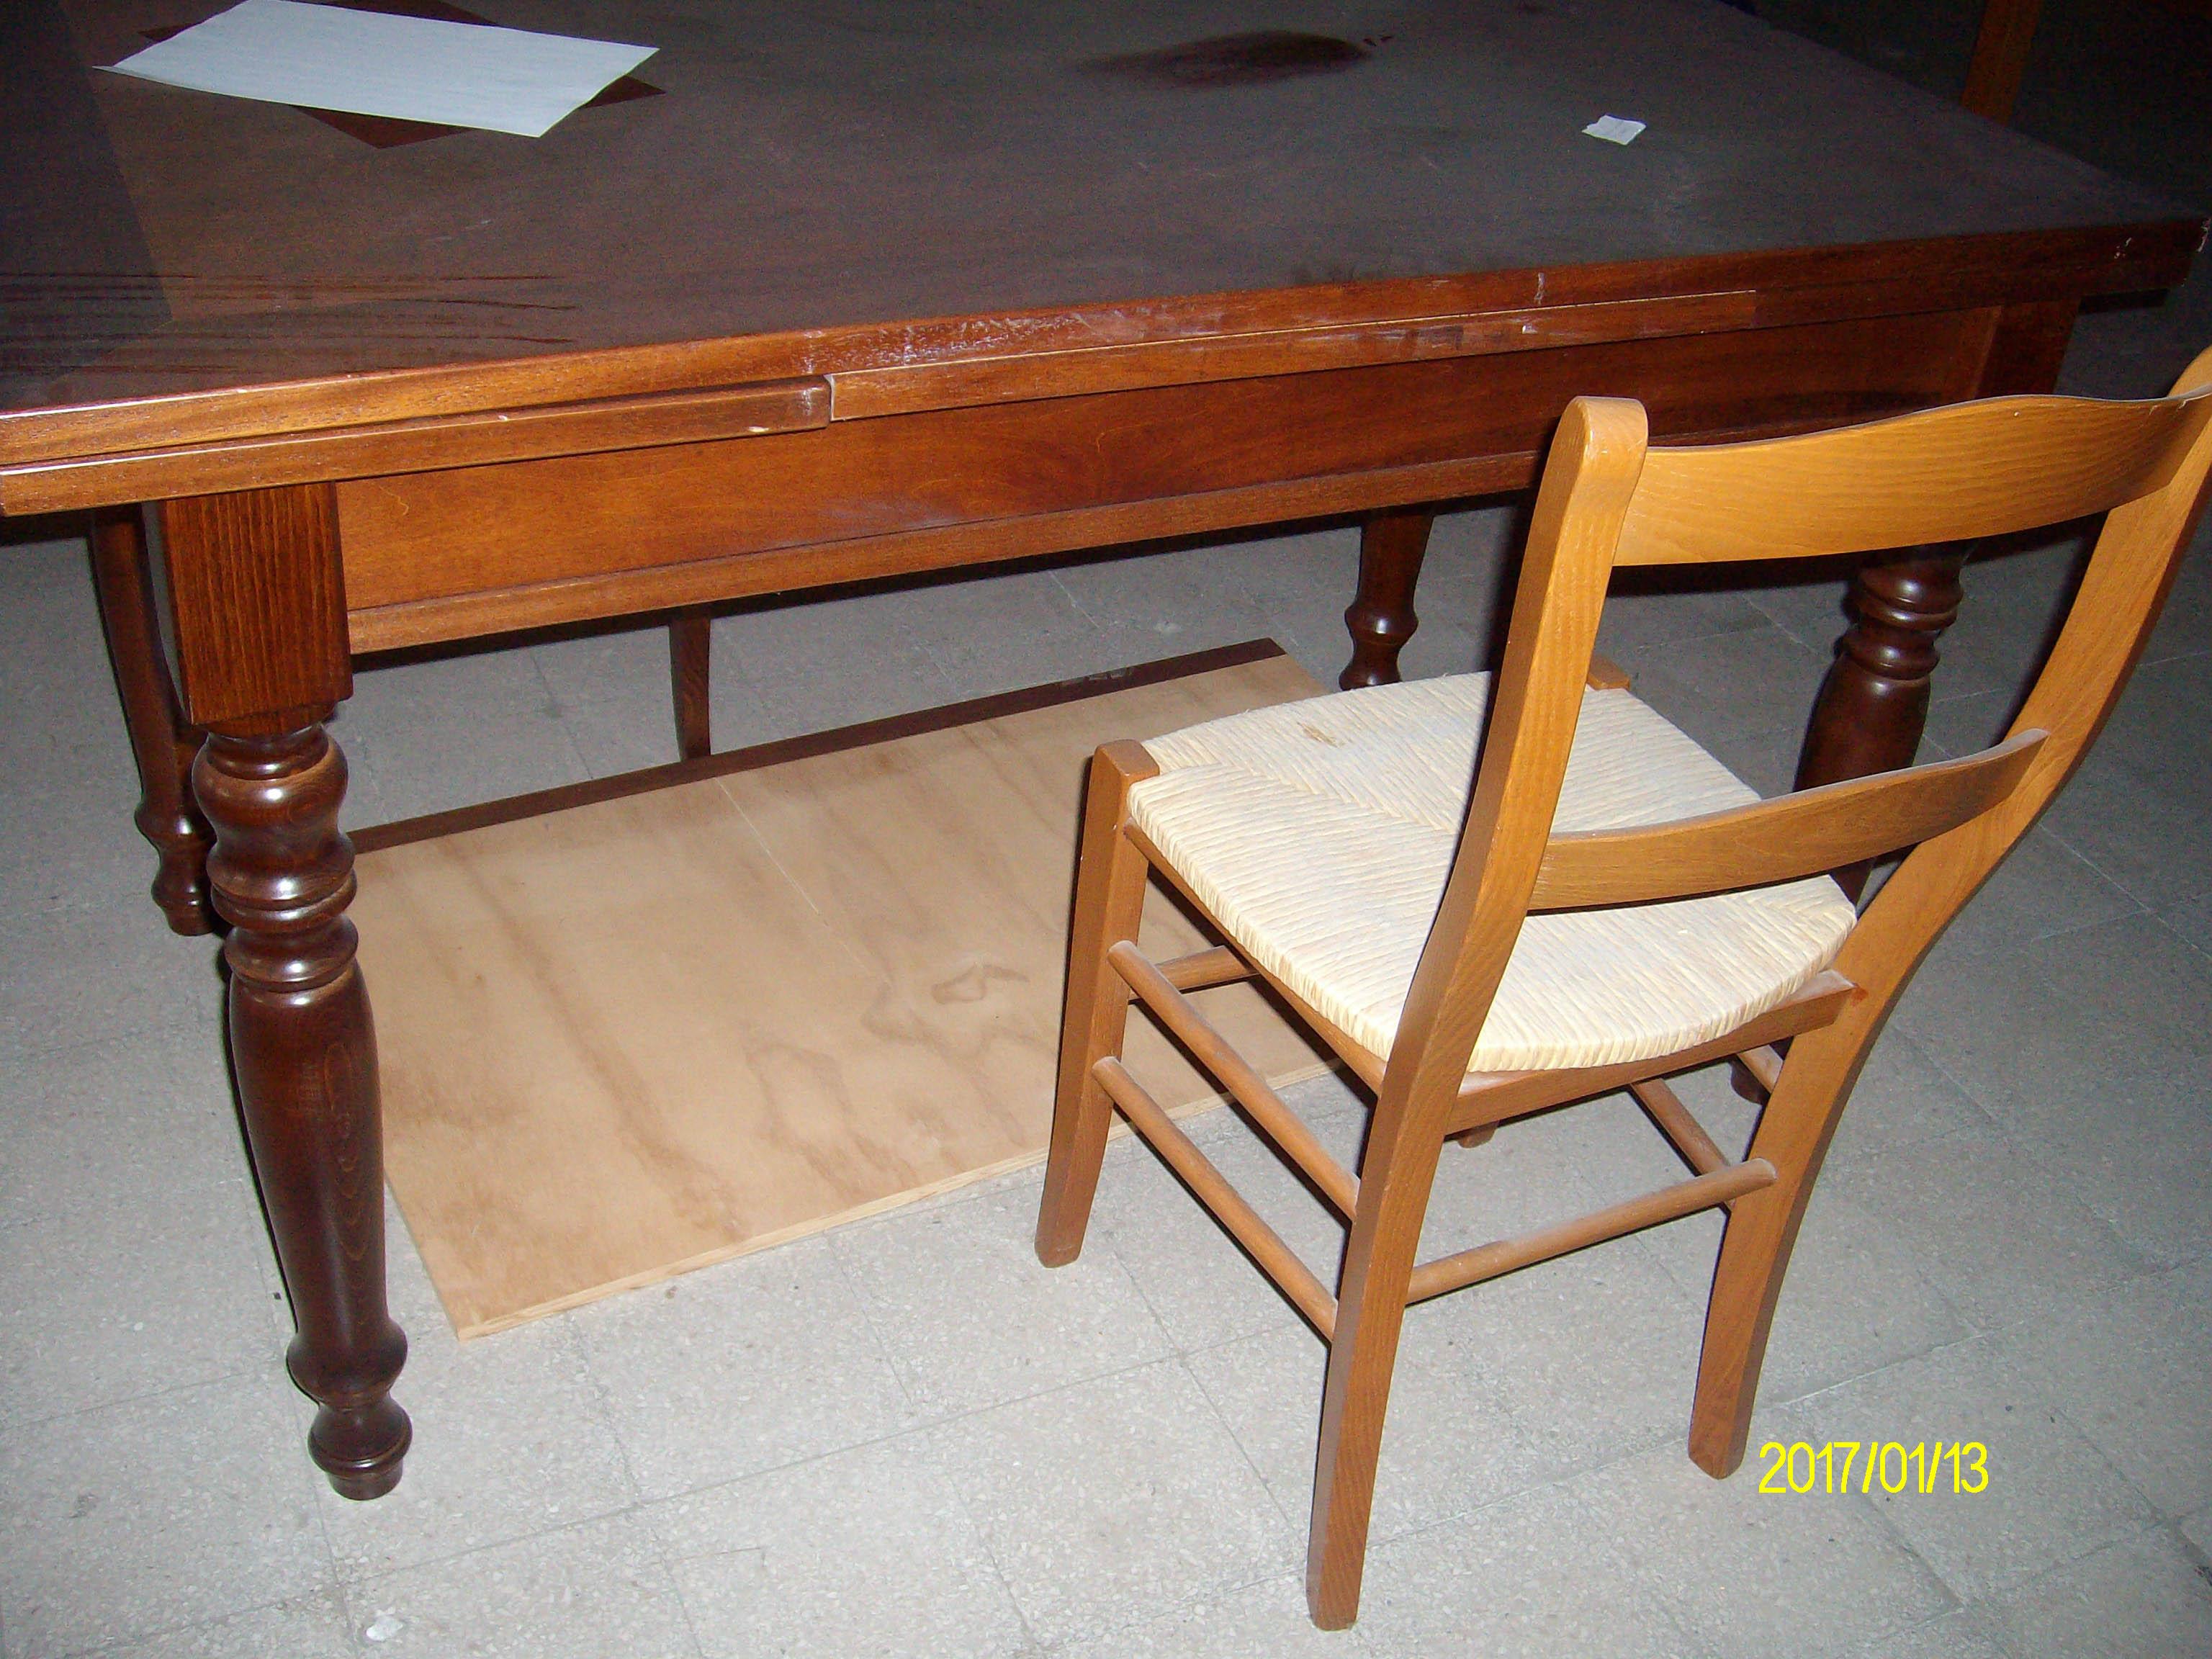 Tavolo da cucina in legno massello - Astemobili.it